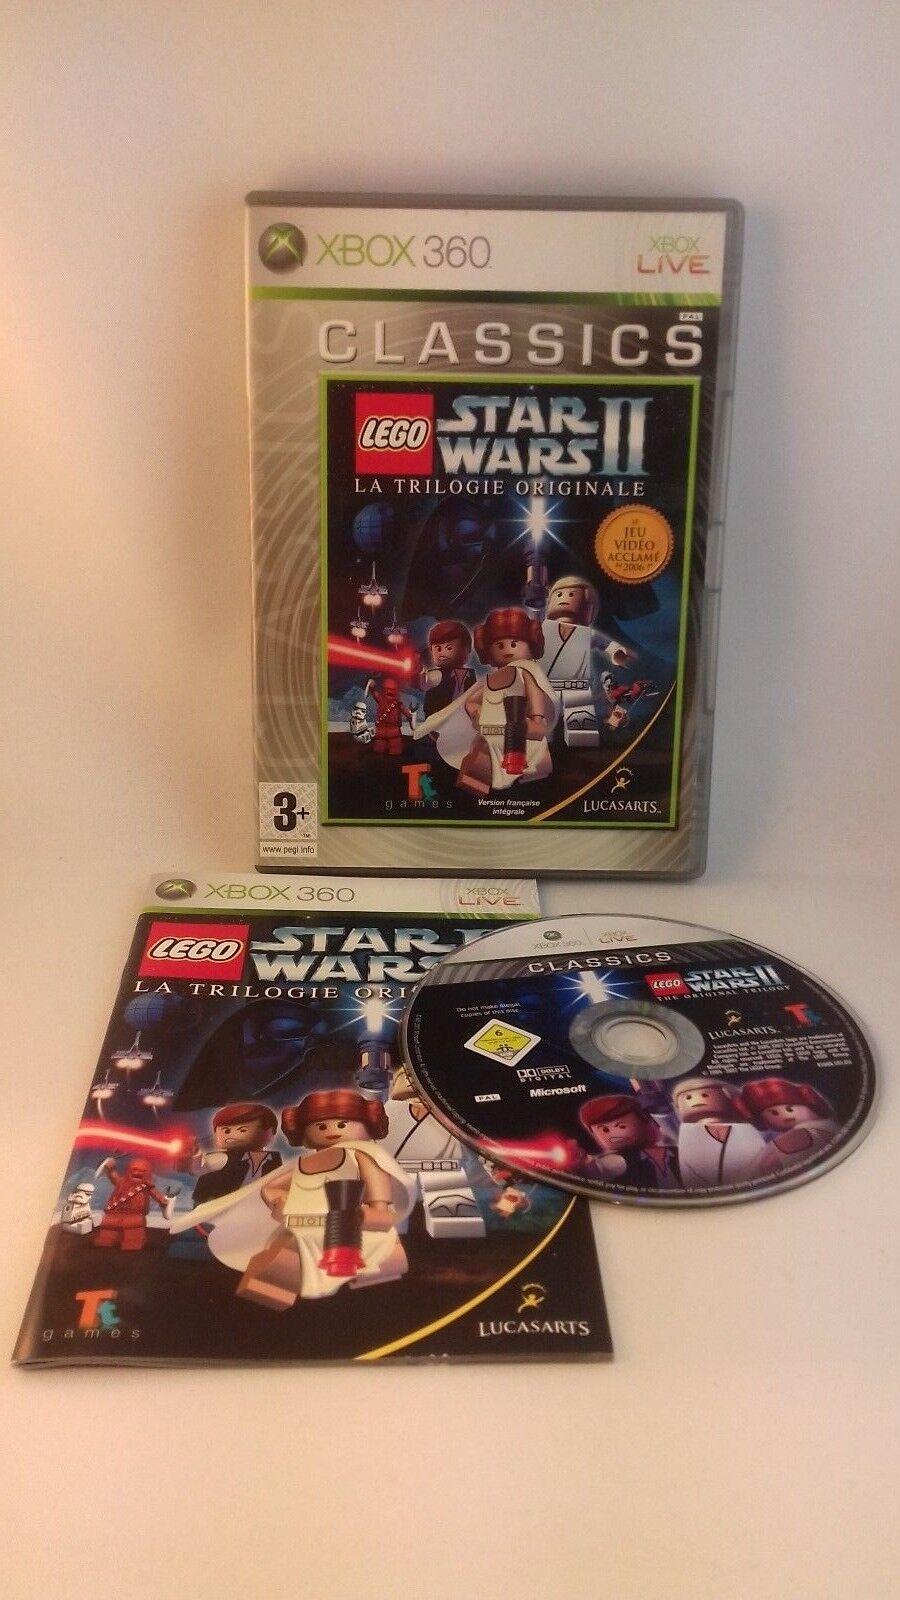 Jeu Xbox 360 Lego star wars 2 La trilogie - Avis StarWars